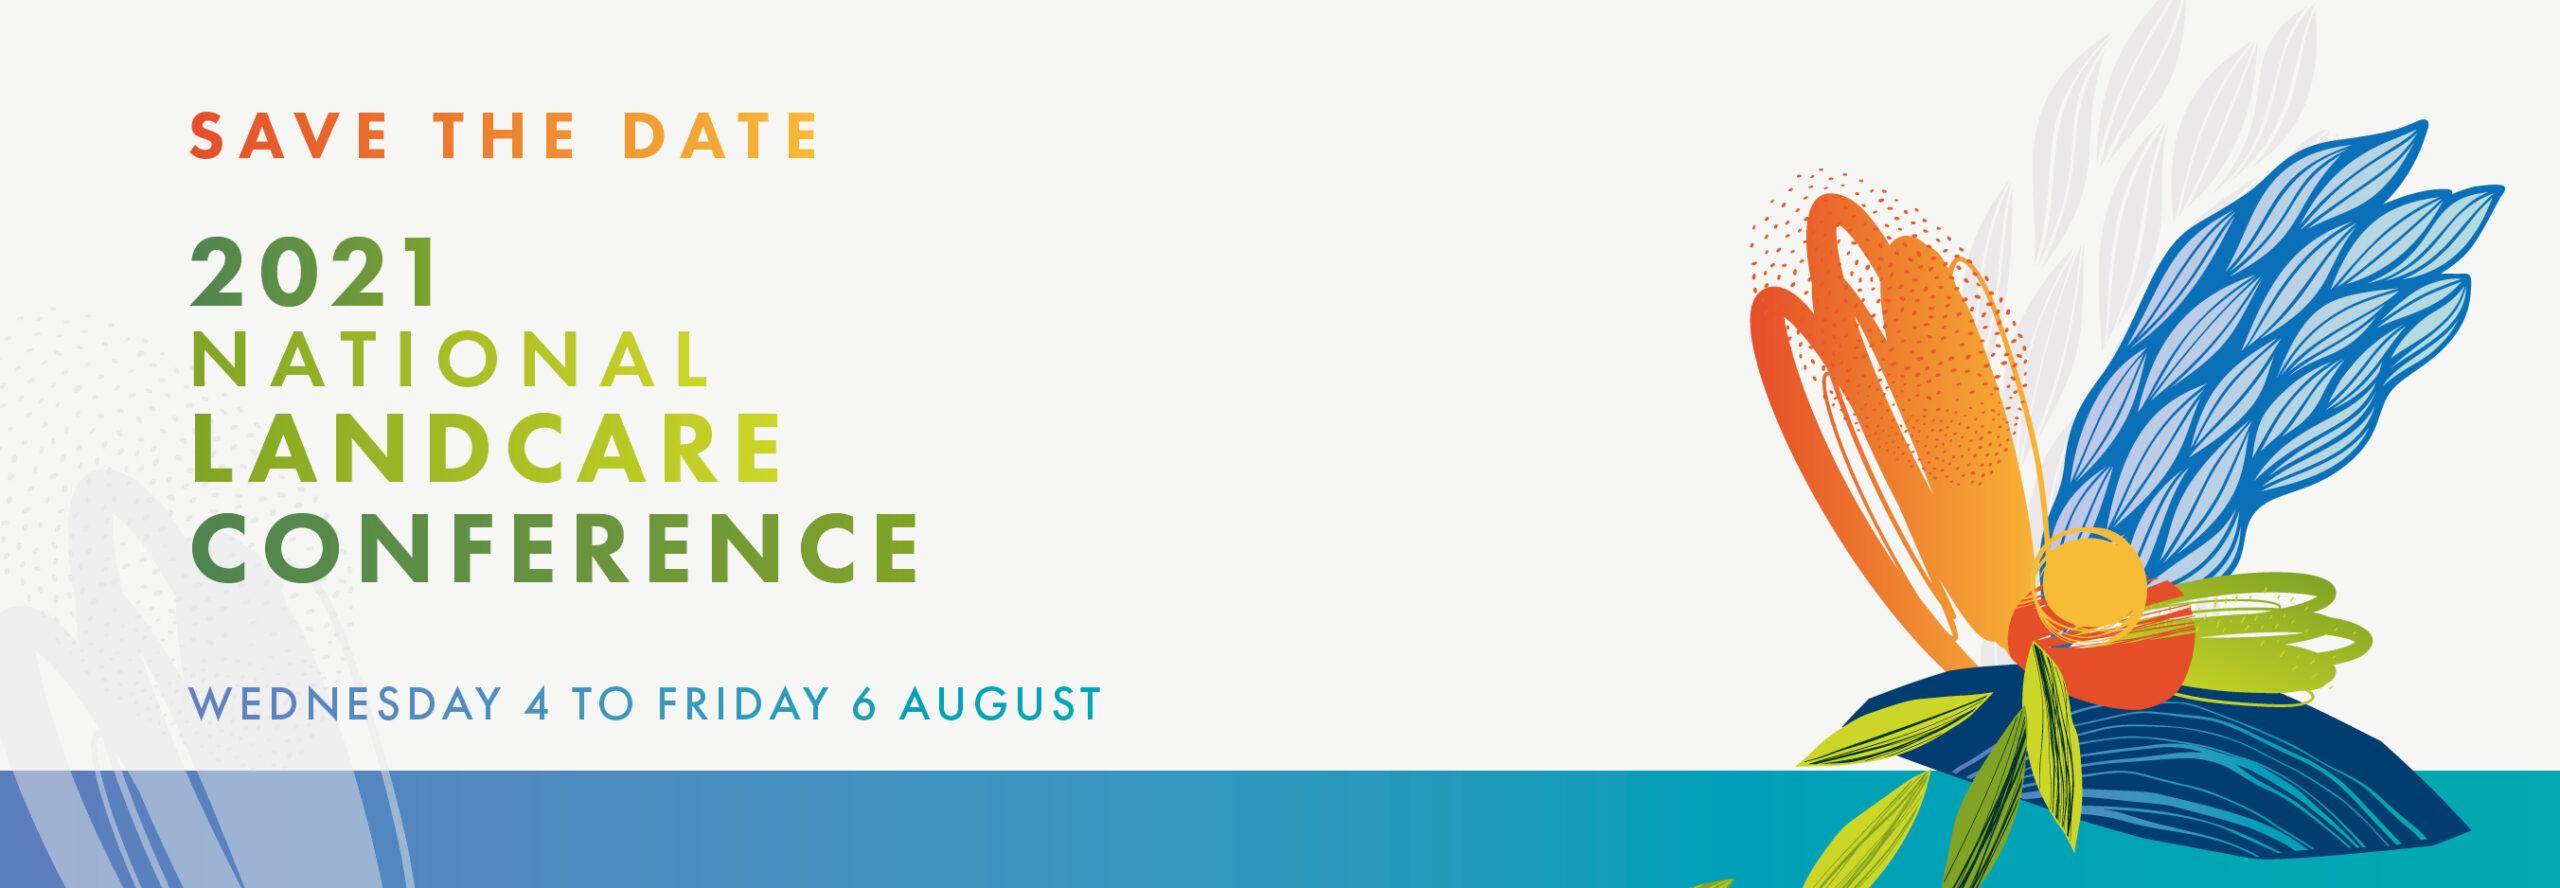 NationalLandcareConference2021_WebBanner_1298x450_01_2021_Gerenal-scaled